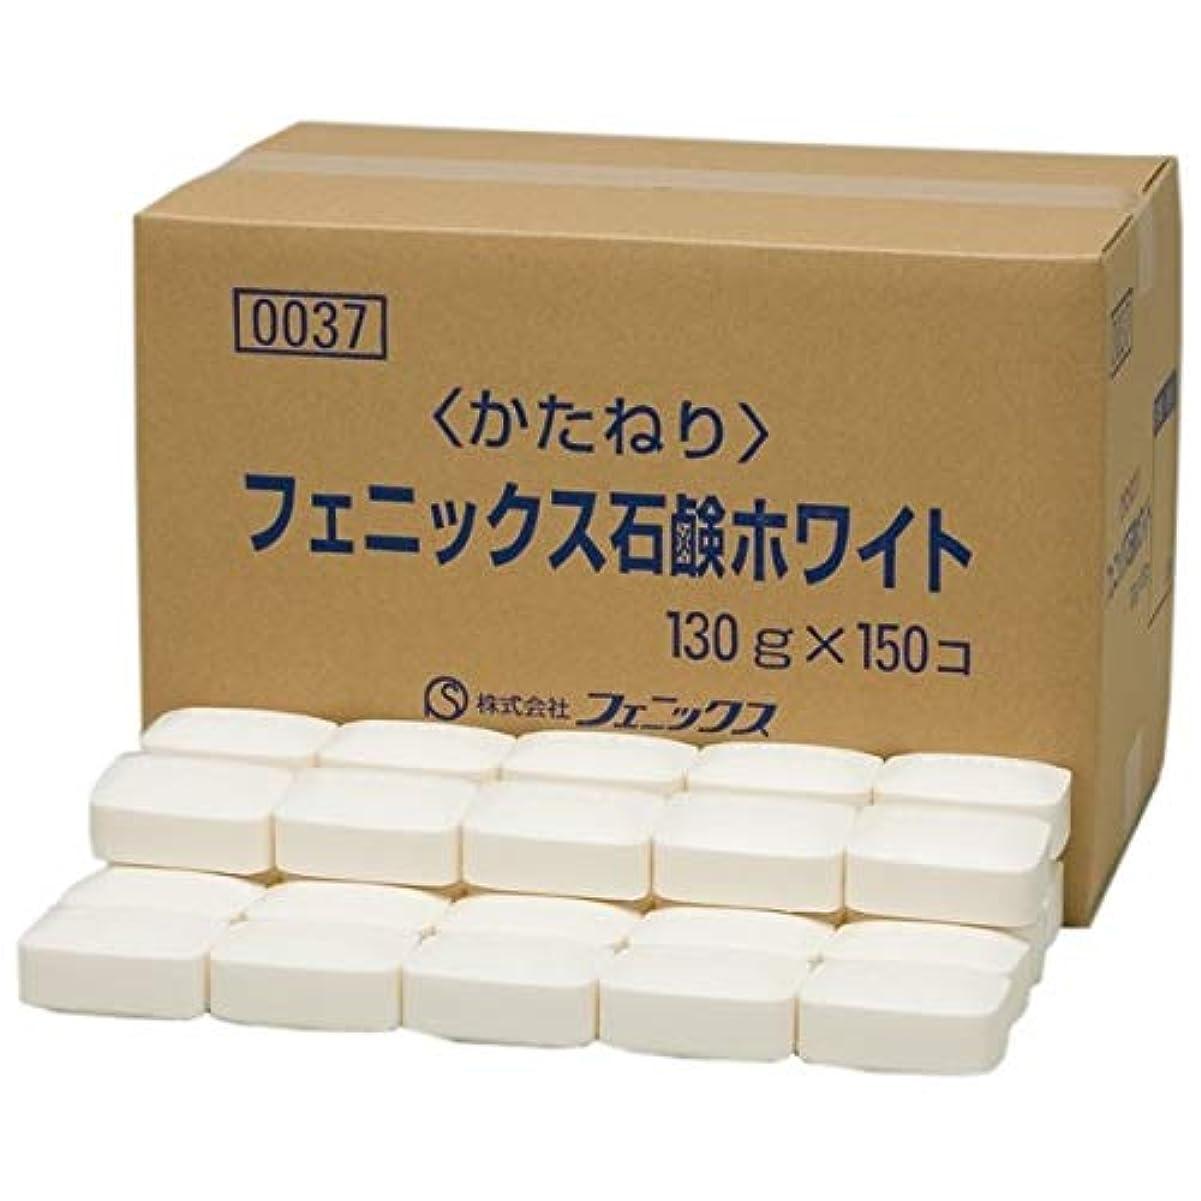 アフリカトレーニング摘むフェニックスホワイト石鹸 130g×150個入